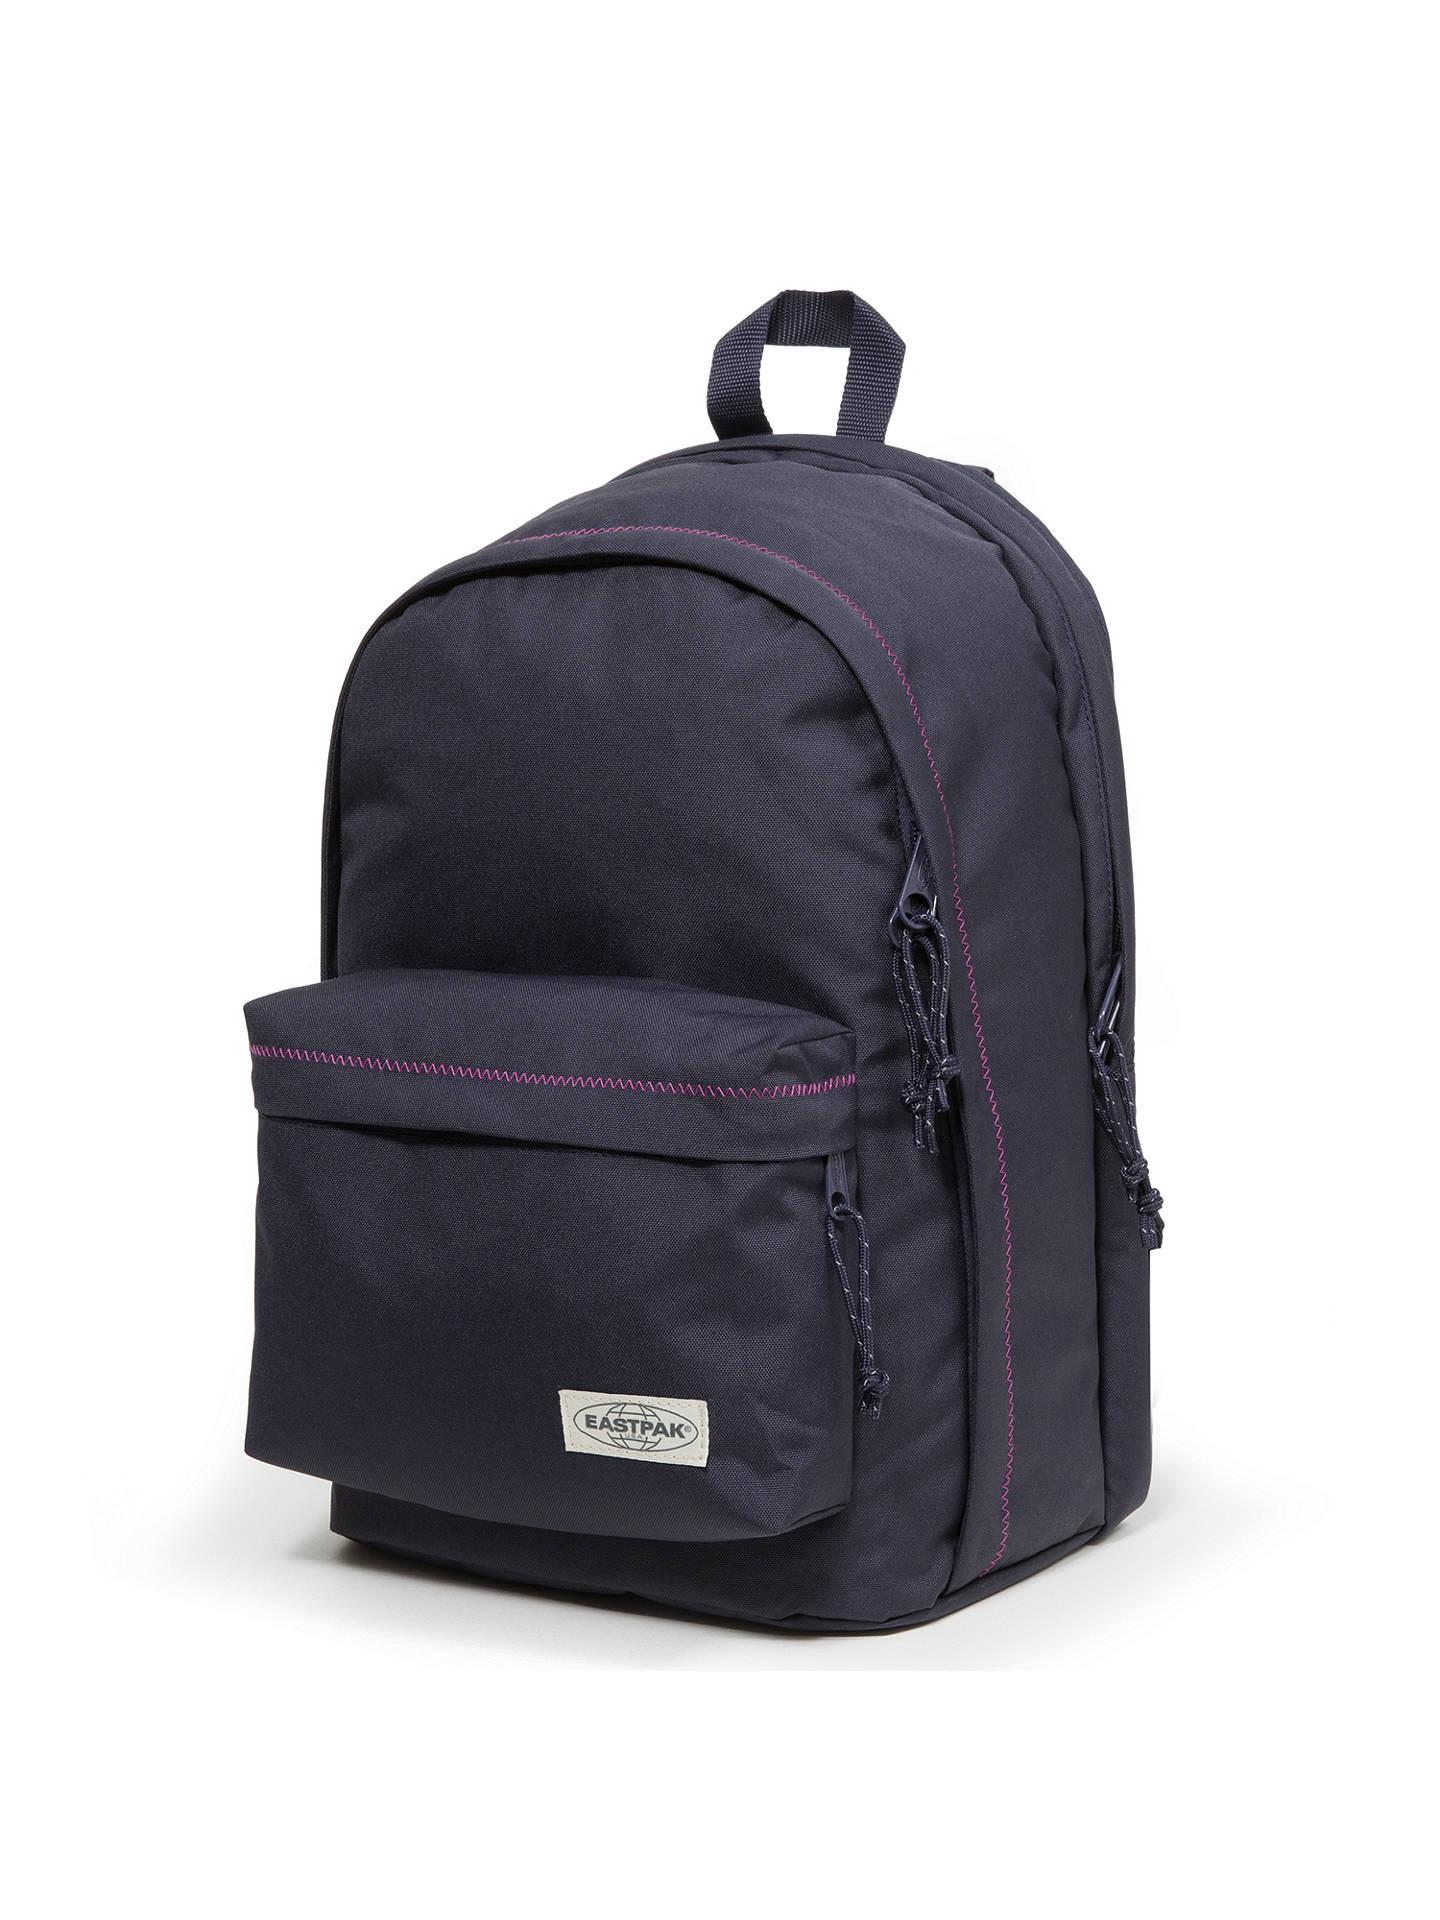 8dde34d67e ... Buy Eastpak Back to Work Backpack, Navy Stitched Online at  johnlewis.com ...